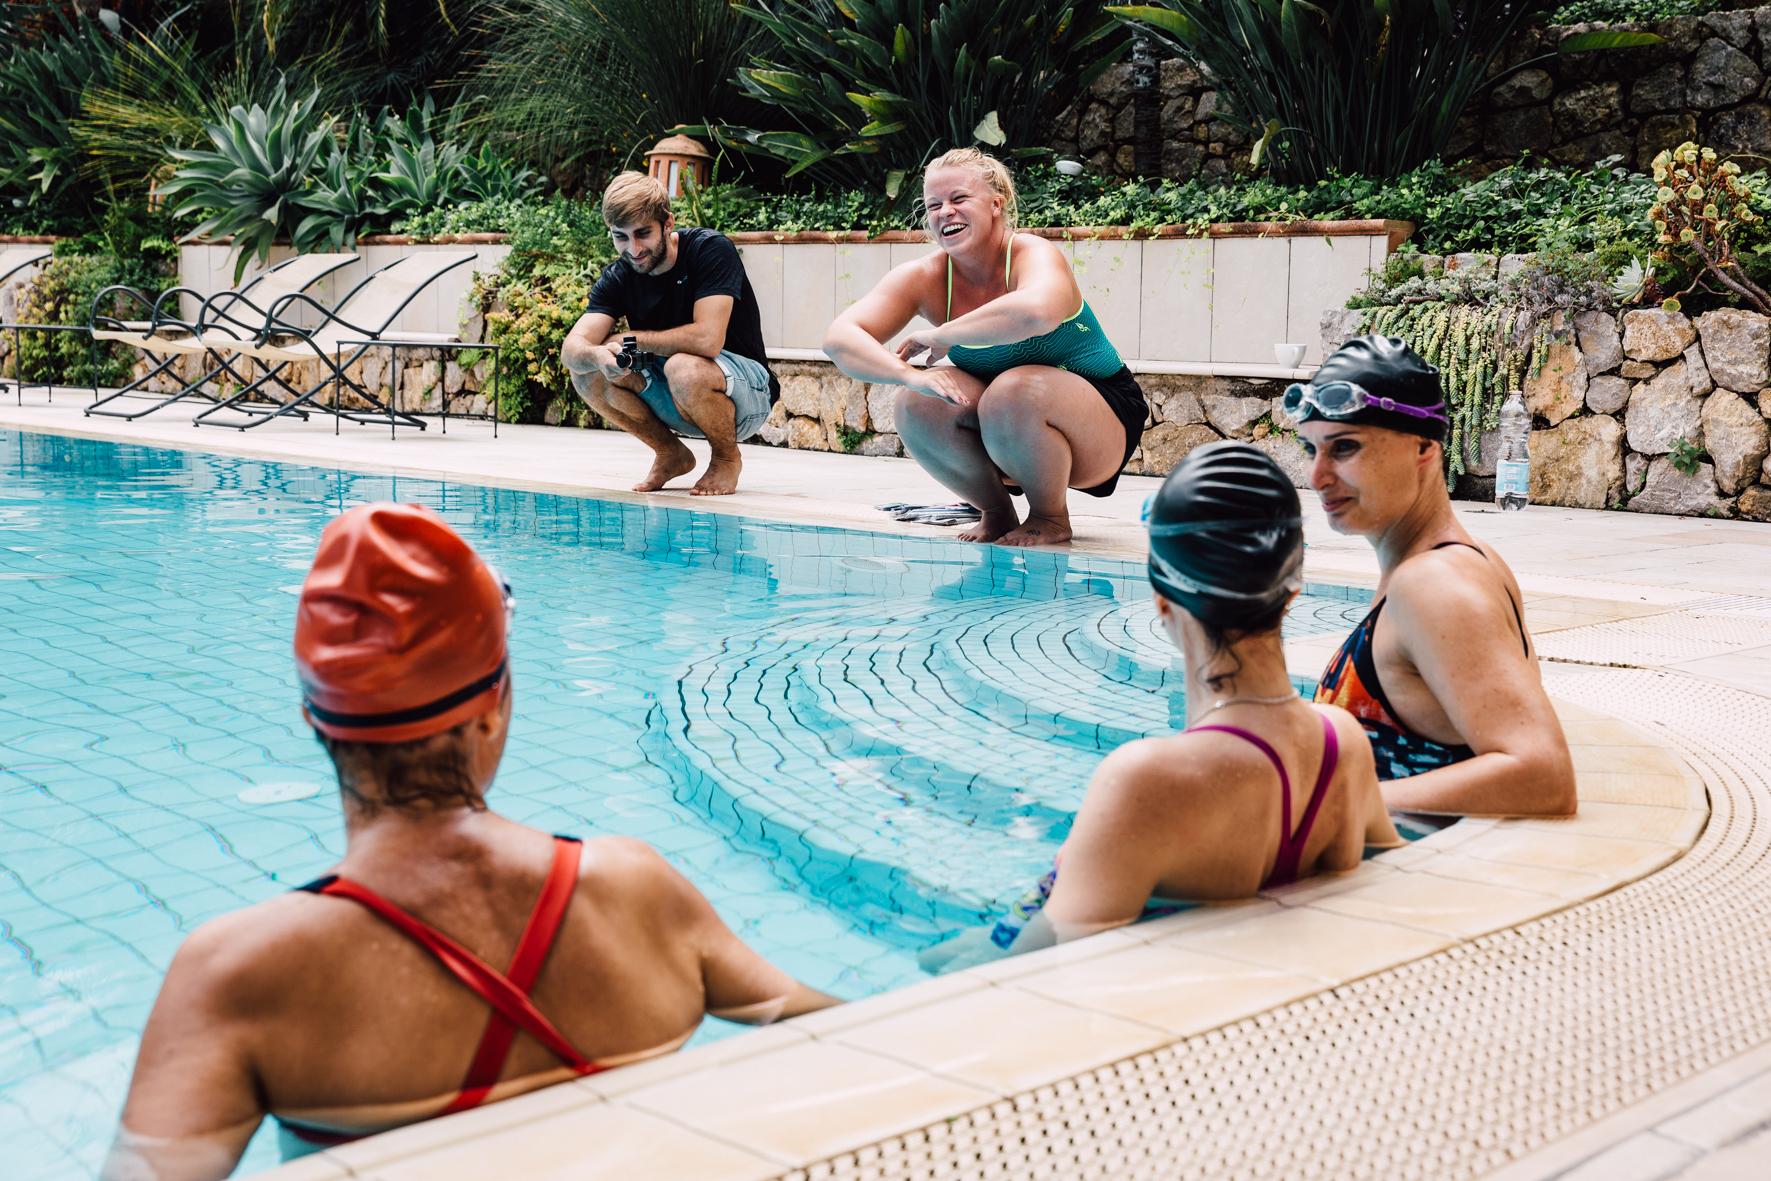 Aikuisten uintikurssit - Kesäkuussa järjestämme 3 kerran intensiivikursseja. Laajasta valikoimasta löydät kaiken alkeista perhosuintitekniikkaan.